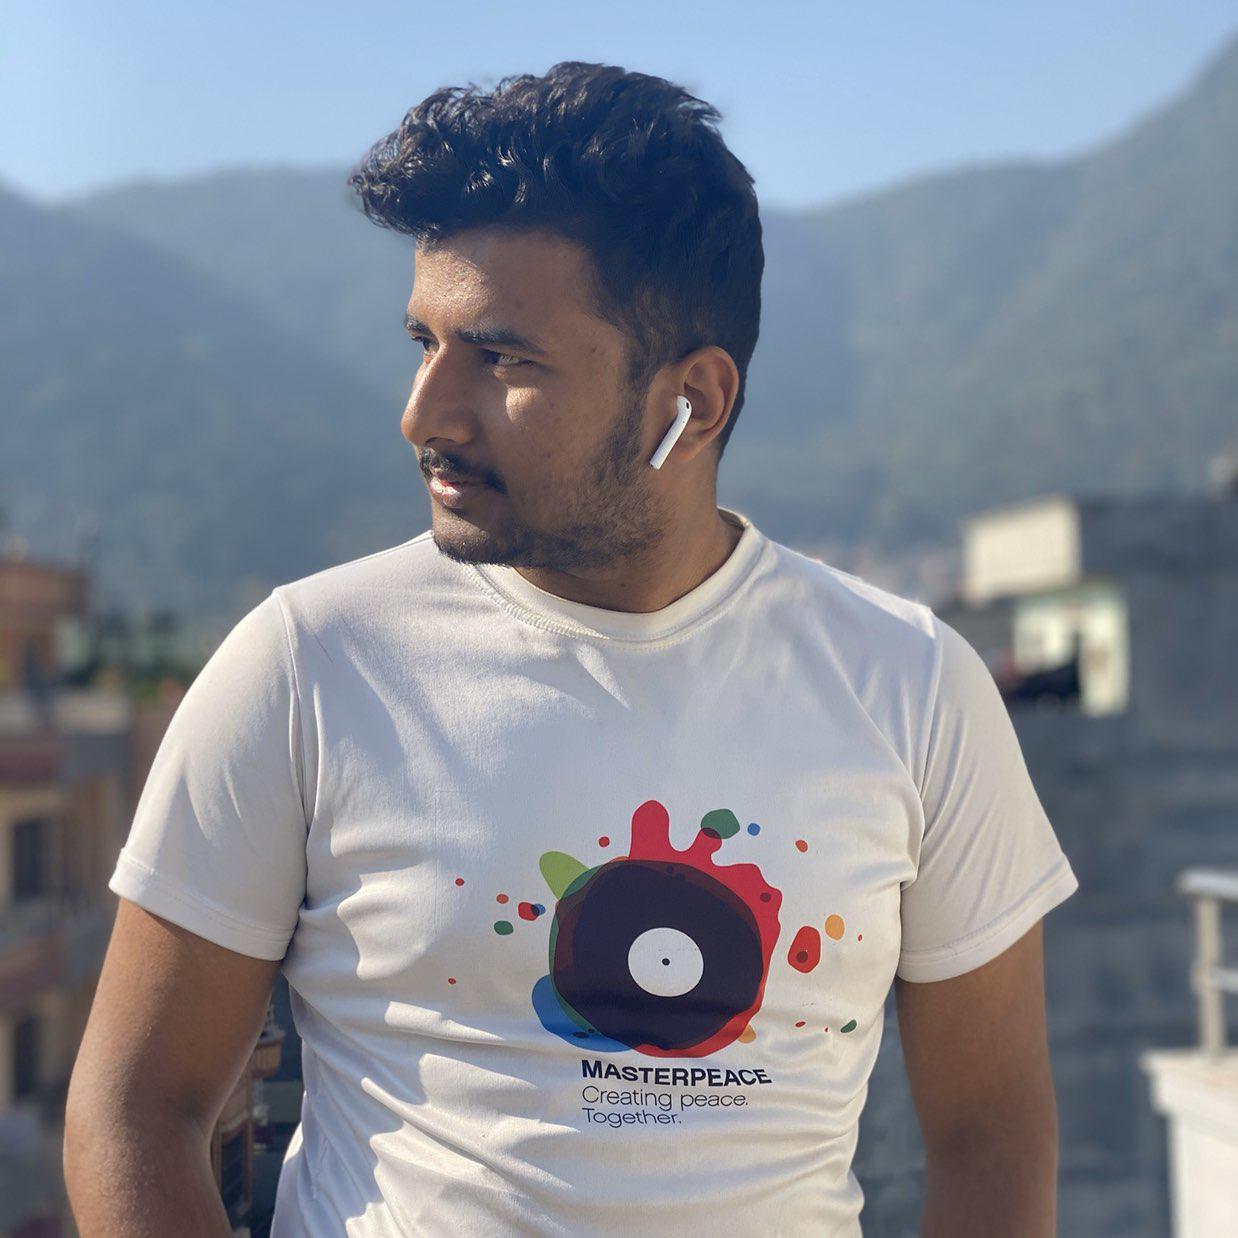 Bhishma Bhattarai Clubhouse